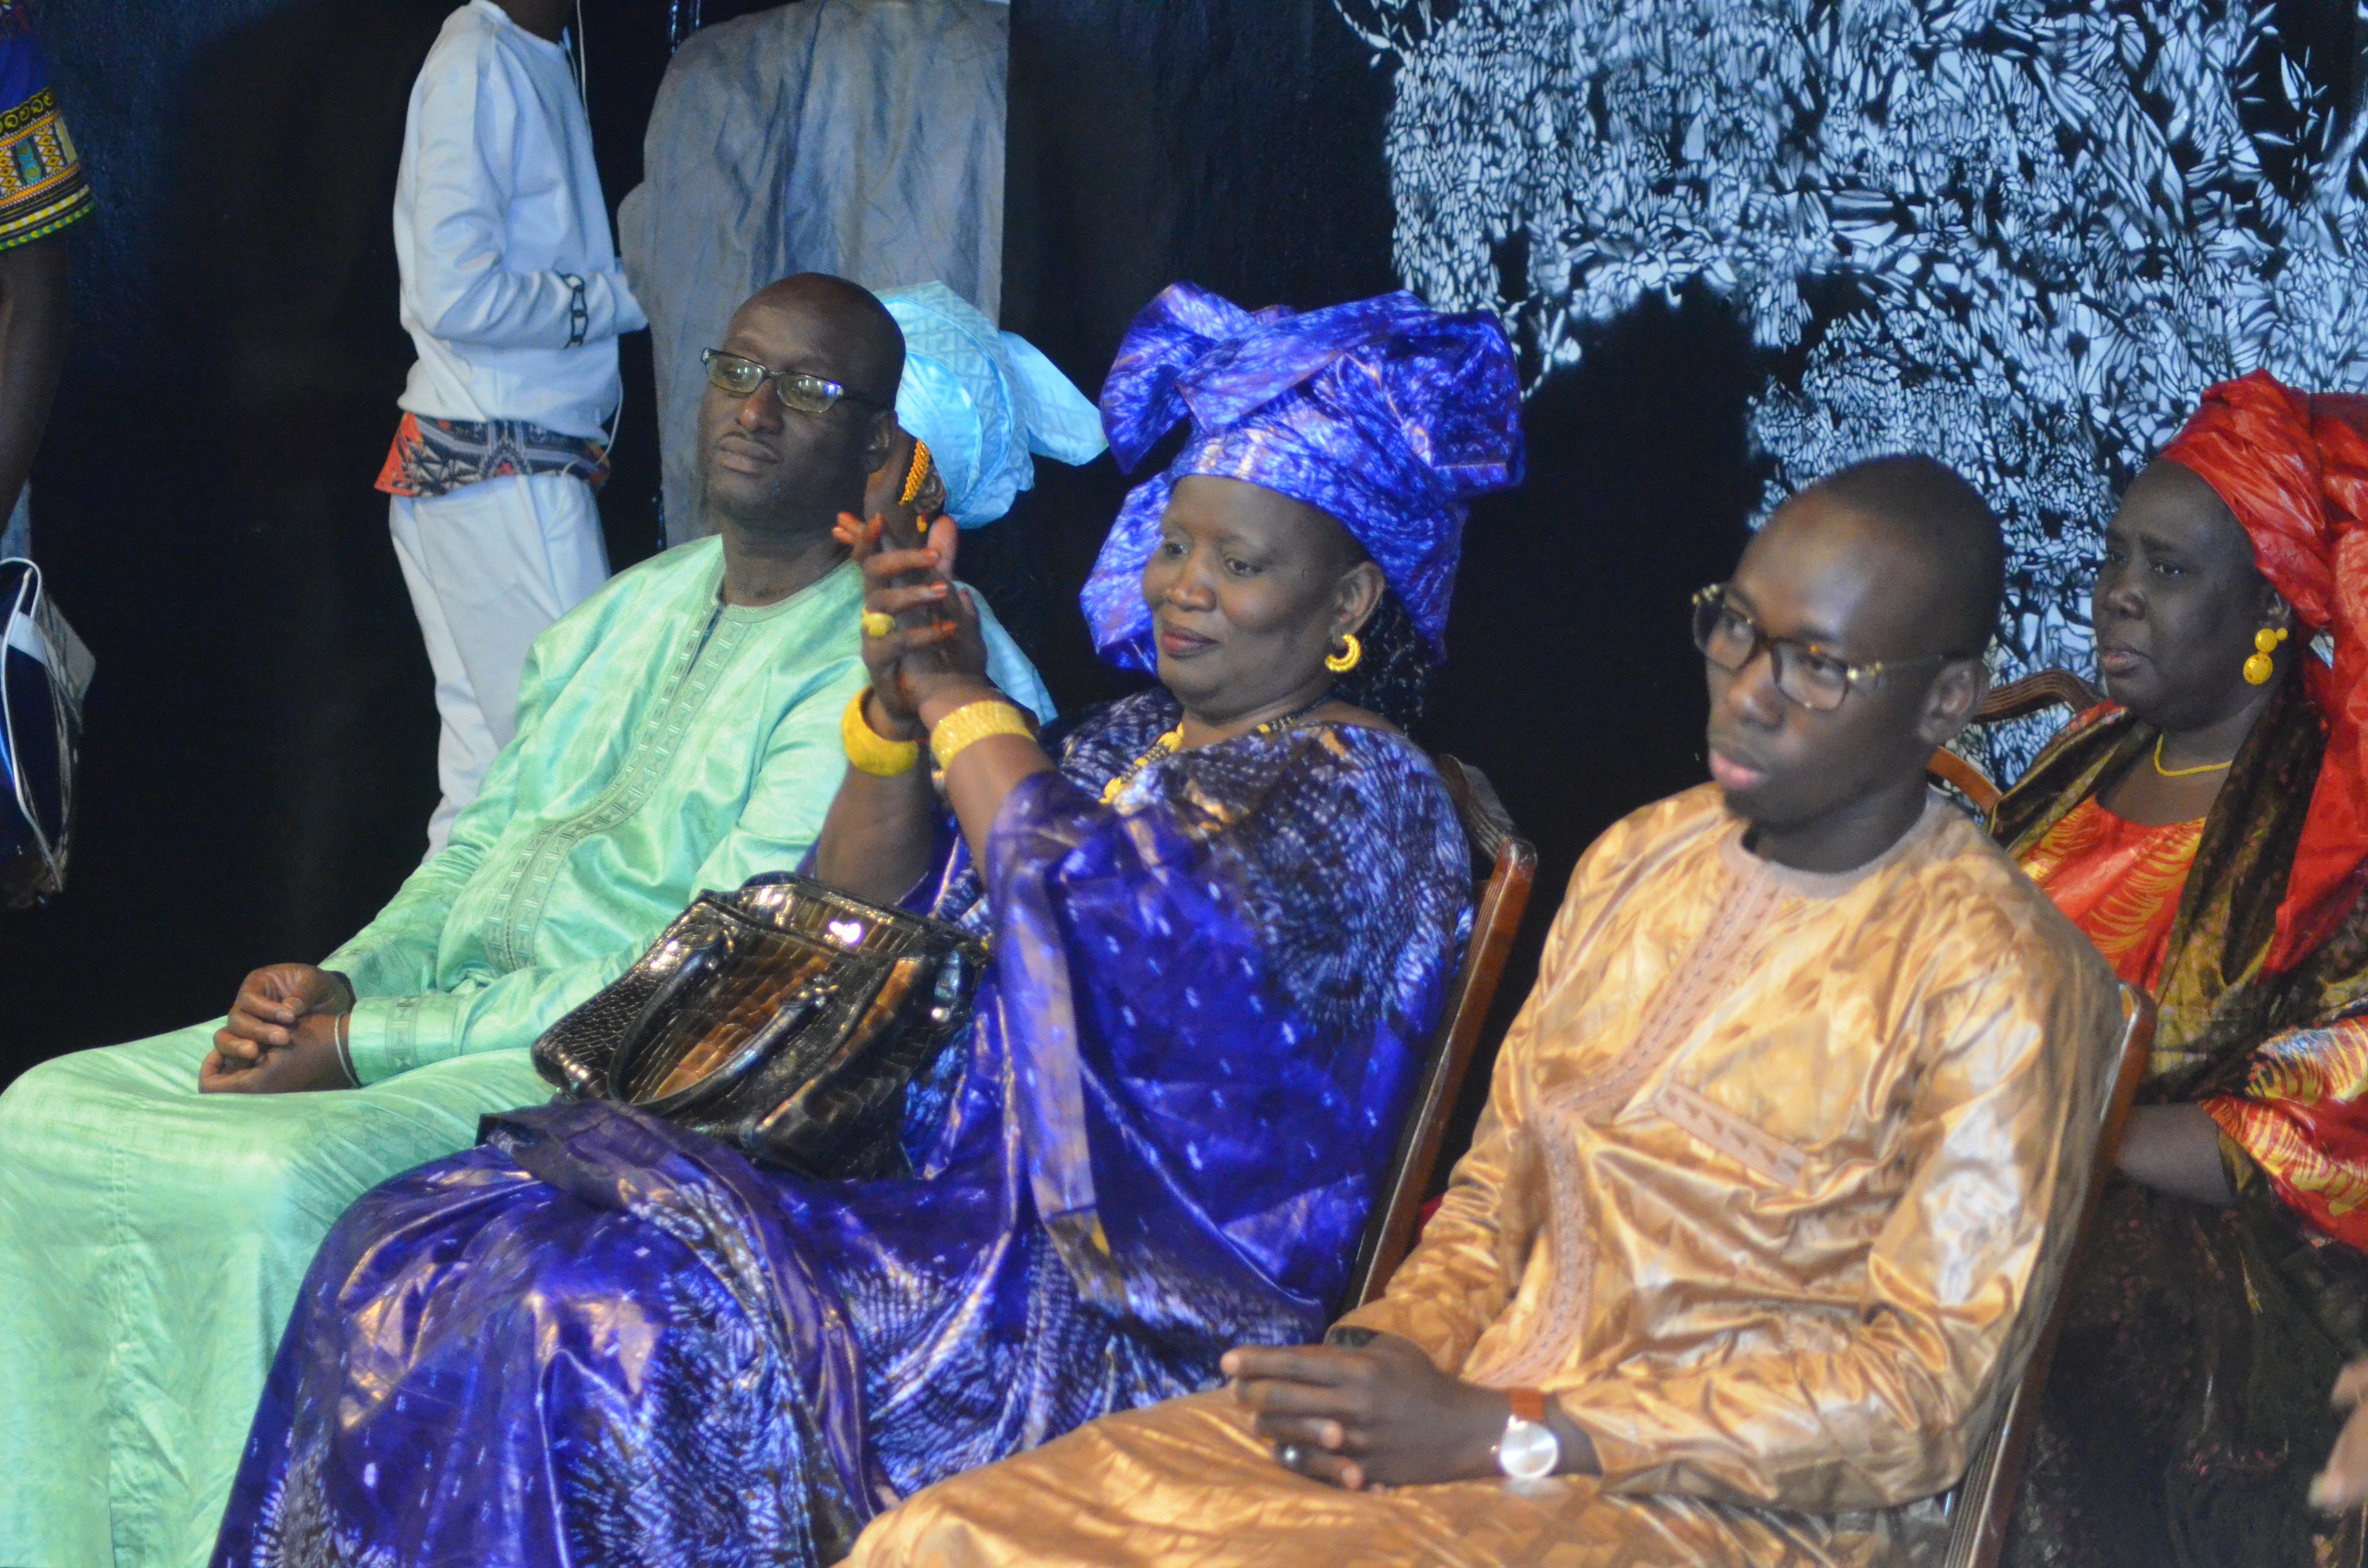 Première Edition soirée culturelle de l'Association Boyinadji Ma fierté de Bokidiawé, le parrain Bocar Abdoulaye Ly appelle à l'union des cœurs (14)